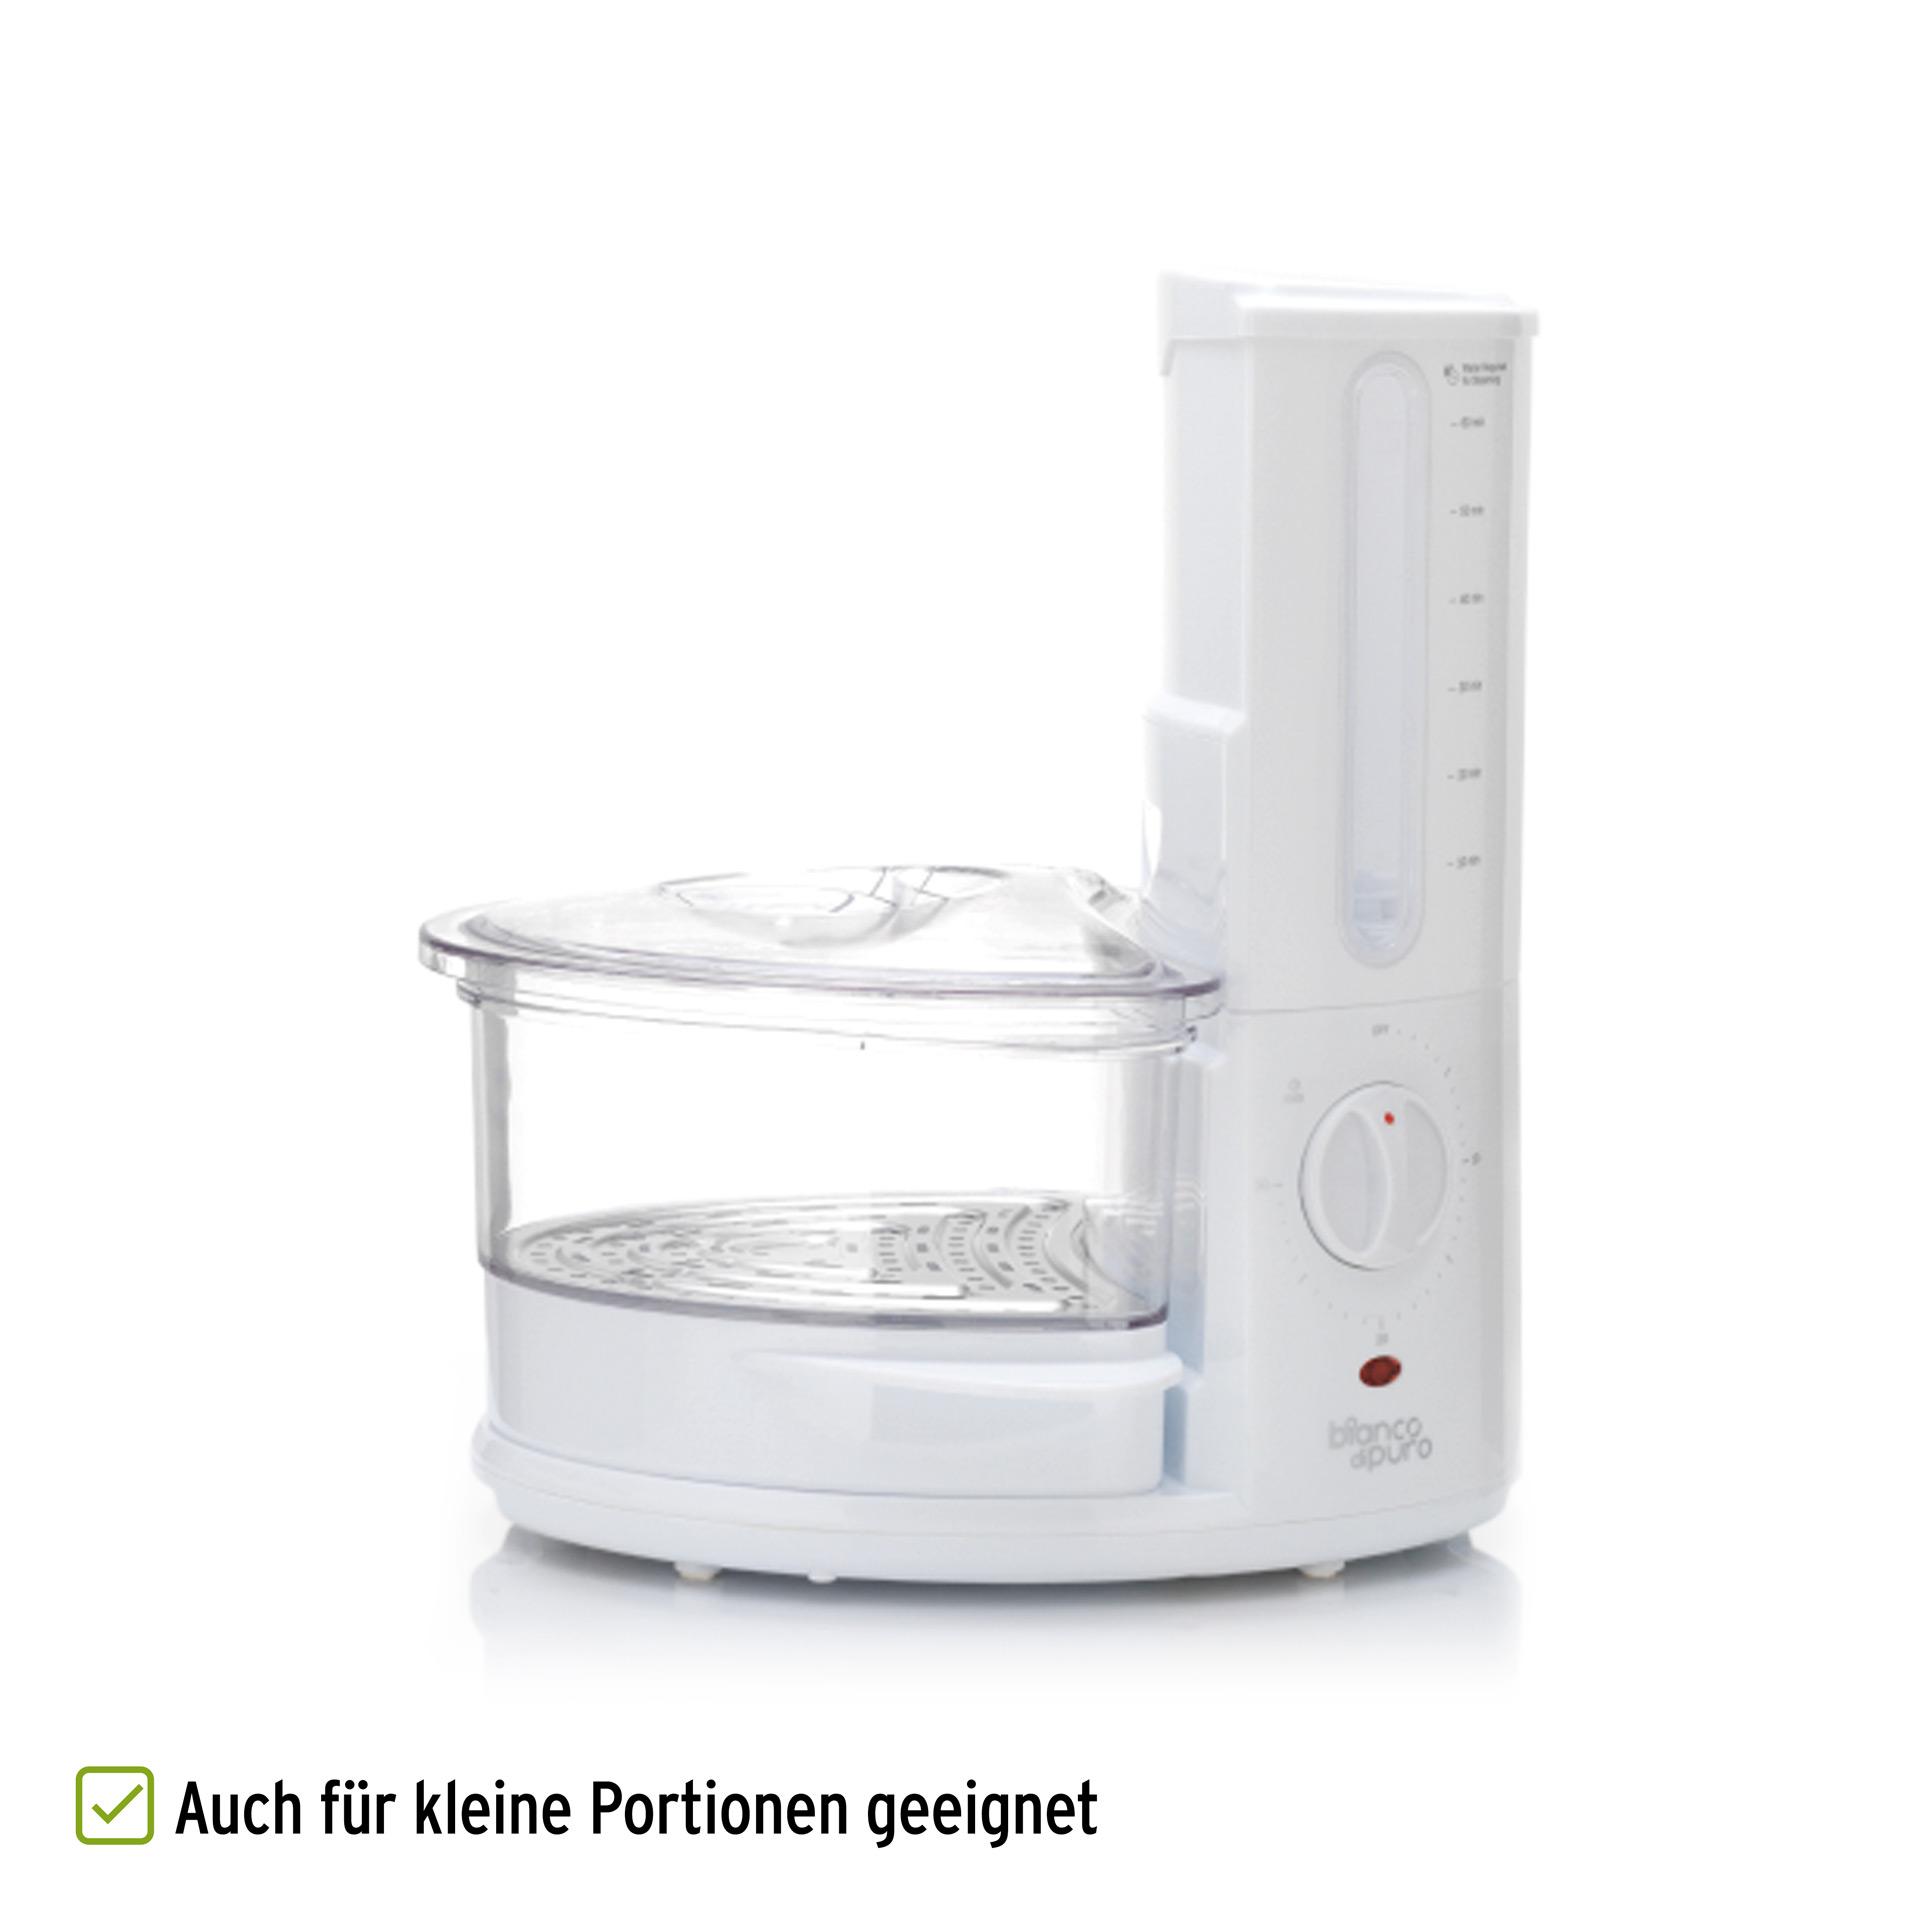 Bianco Rapido Dampfgarer auch für kleine Portionen geeignet